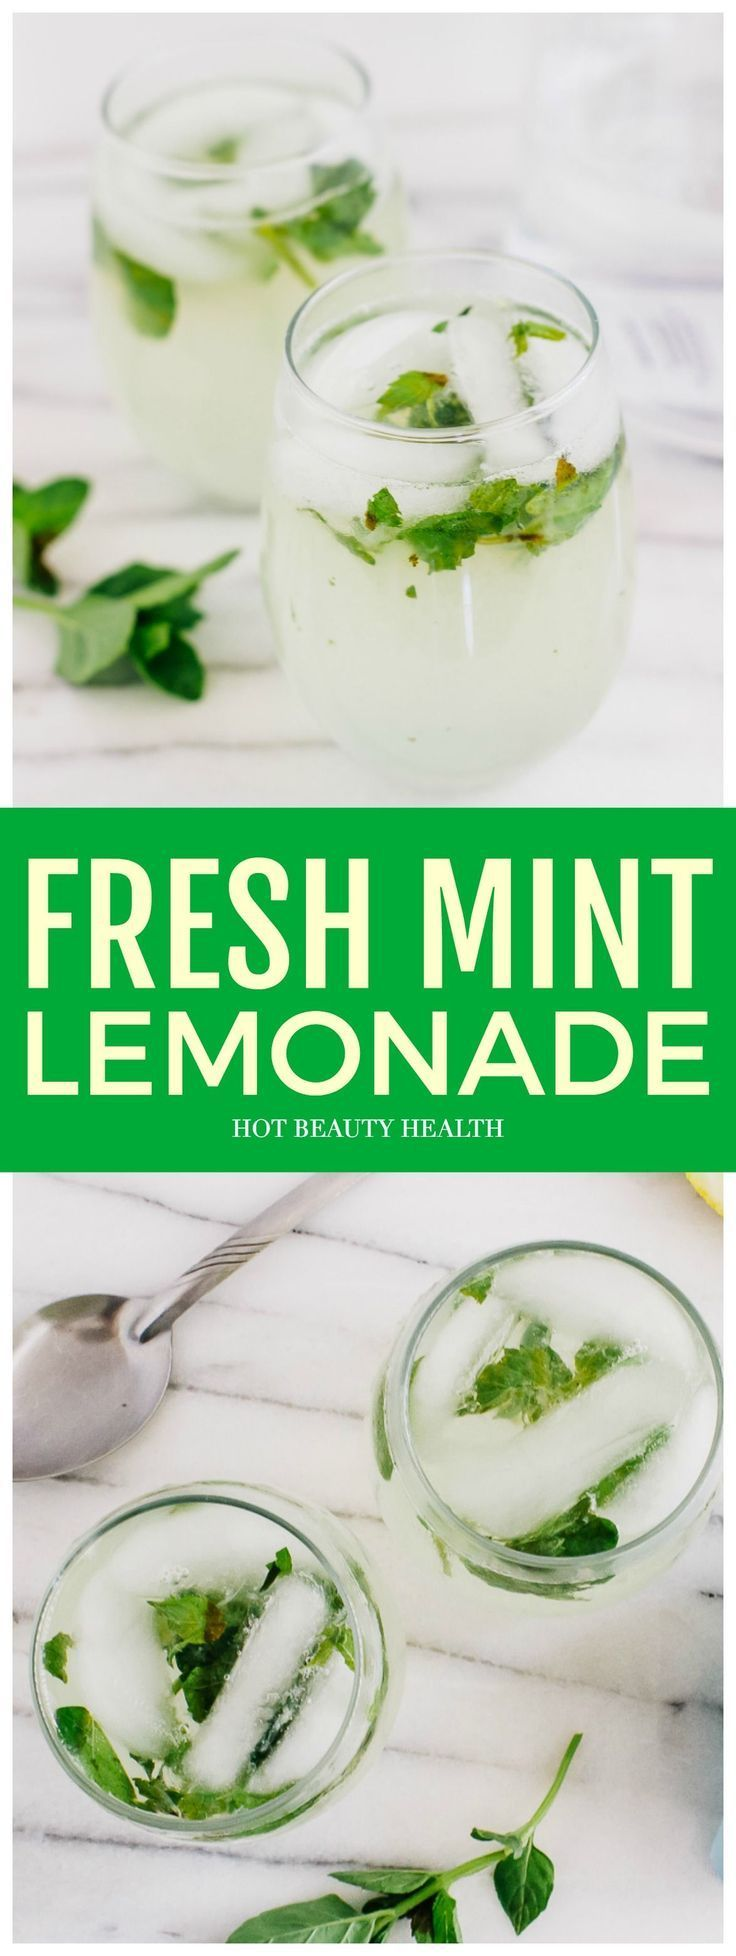 Limonadenrezept der frischen Minze